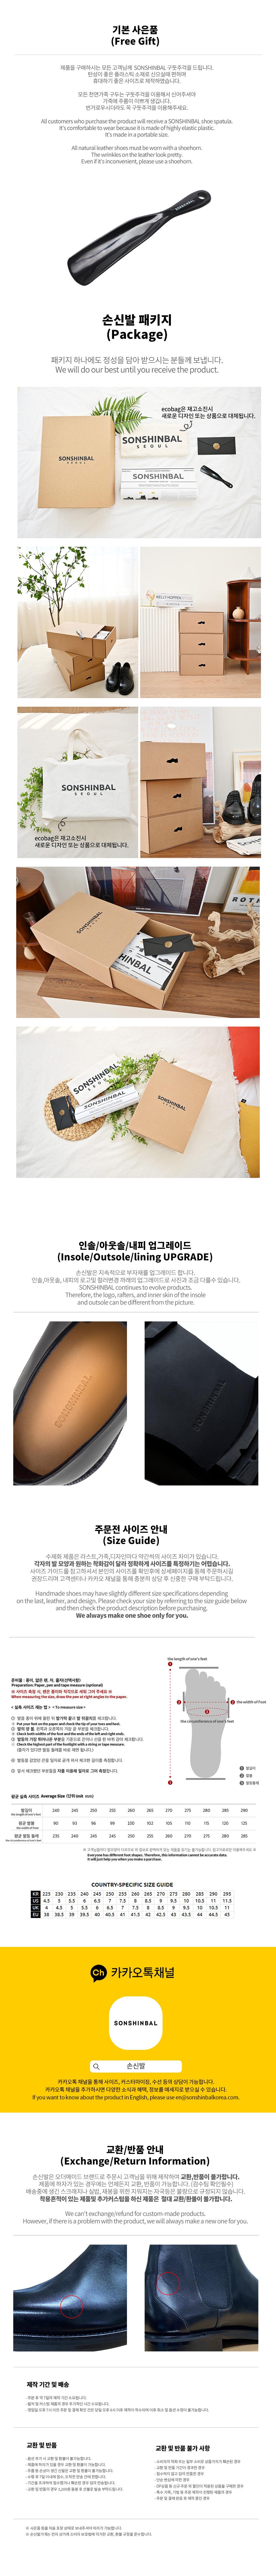 손신발(SONSHINBAL) 2024-20 / White Marble / Vibram 01 / 2012